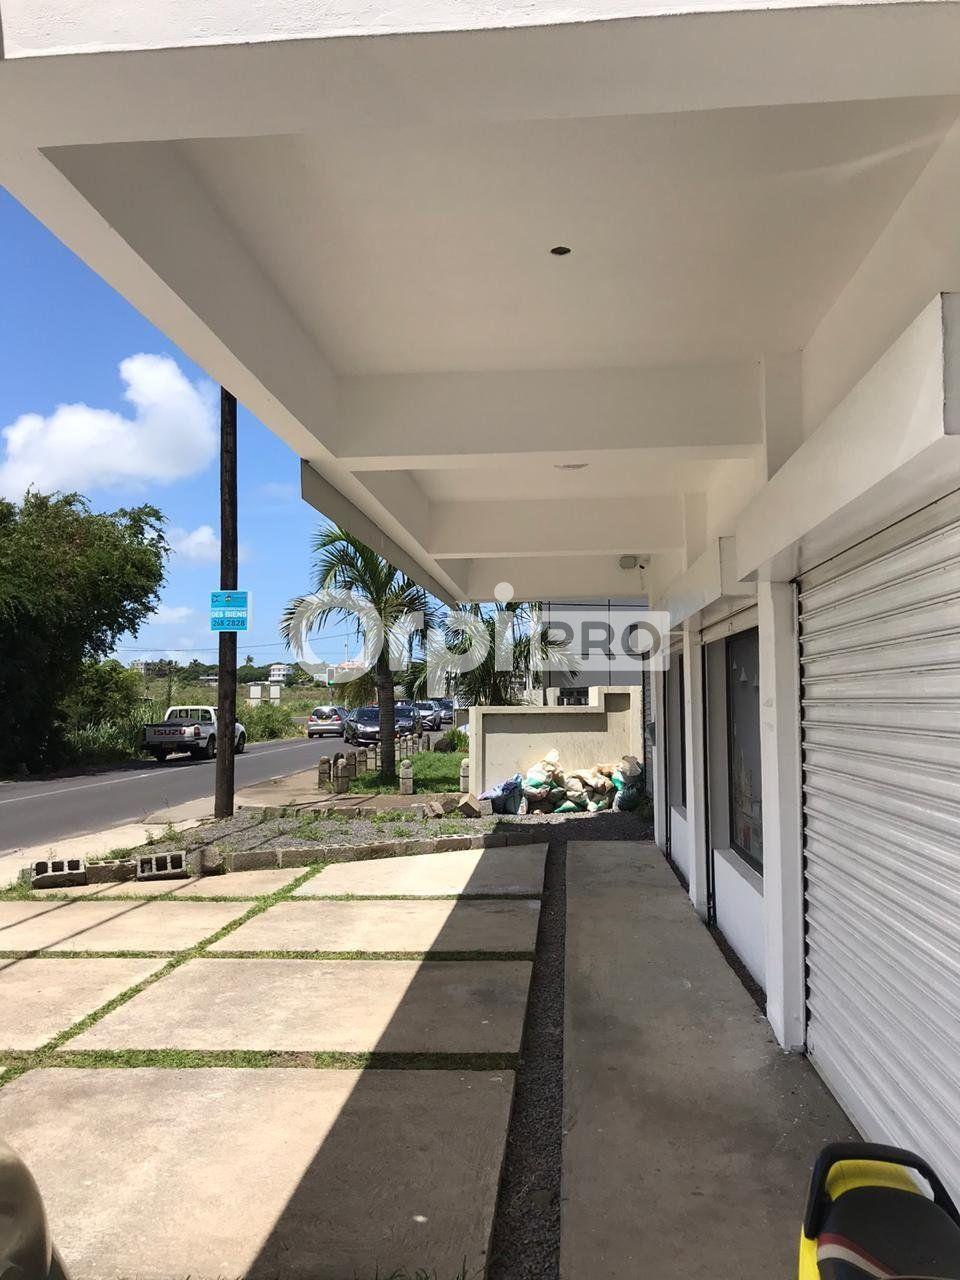 Fonds de commerce à louer 1 15m2 à Ile Maurice vignette-4